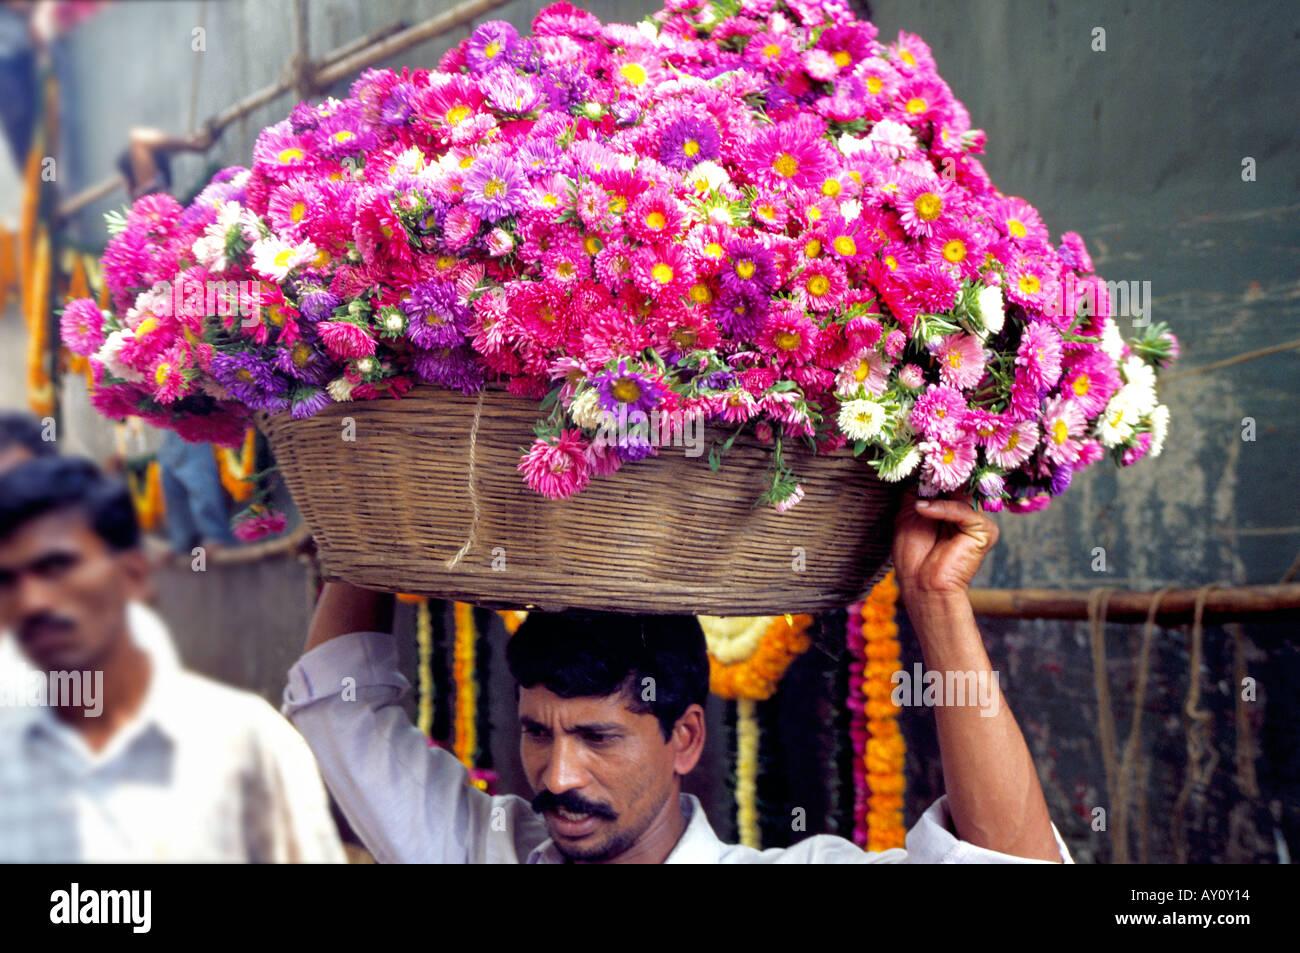 Un facchino che porta un cesto di vimini con un carico di fragrante a Dadar Flower Market il commercio all'ingrosso più grande mercato dei fiori a Mumbai. India Immagini Stock